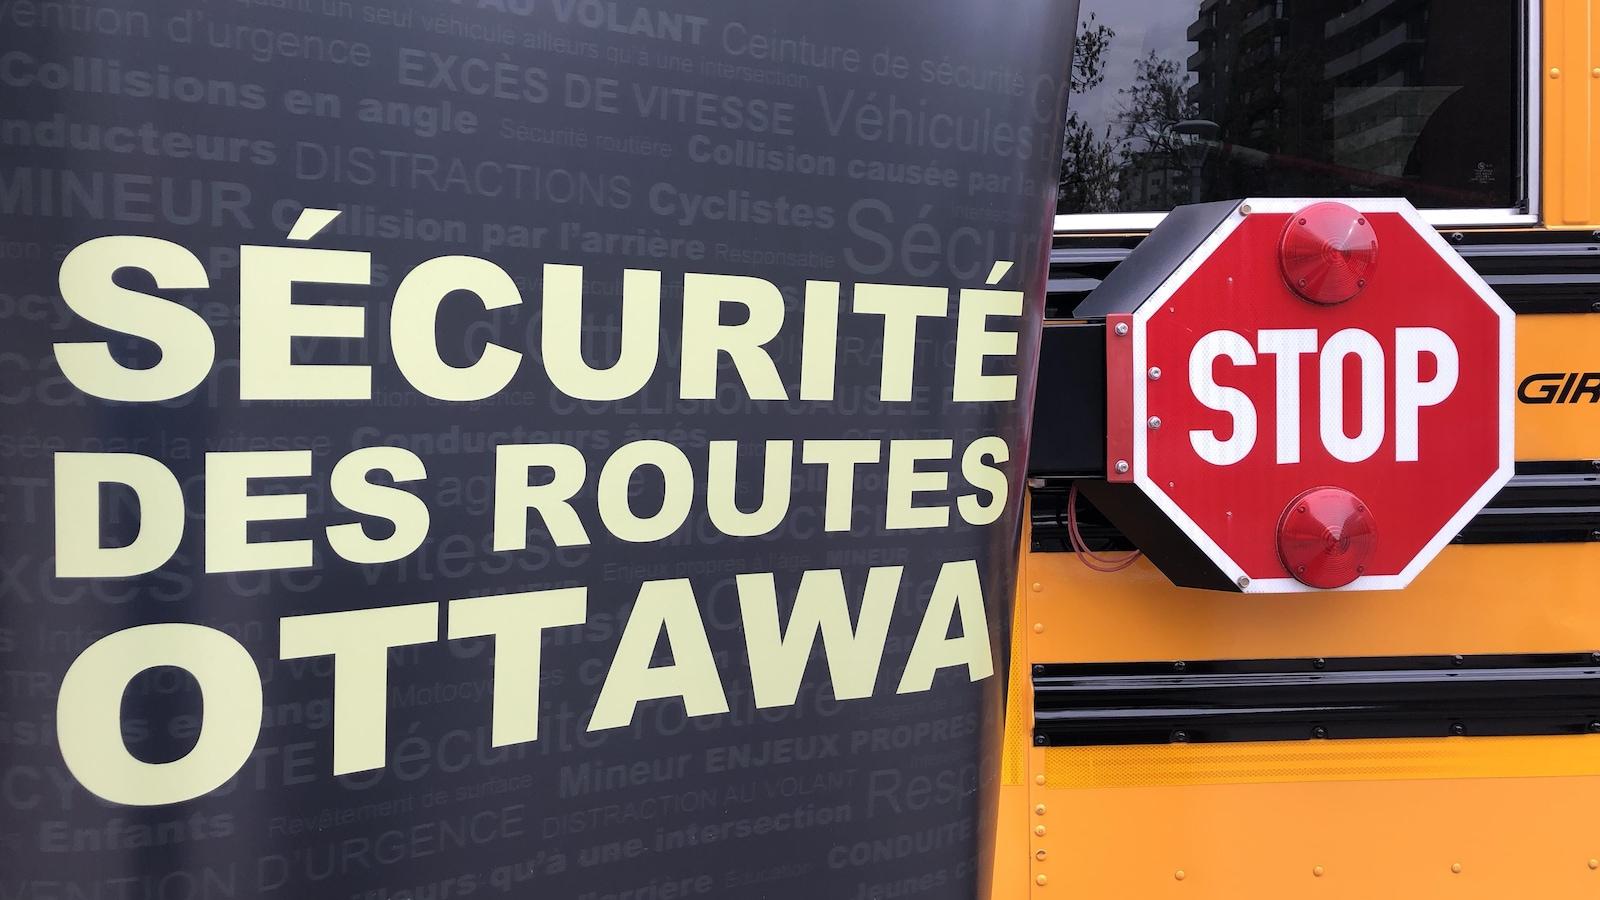 Un autobus scolaire avec une écriture sécurité des routes à Ottawa.